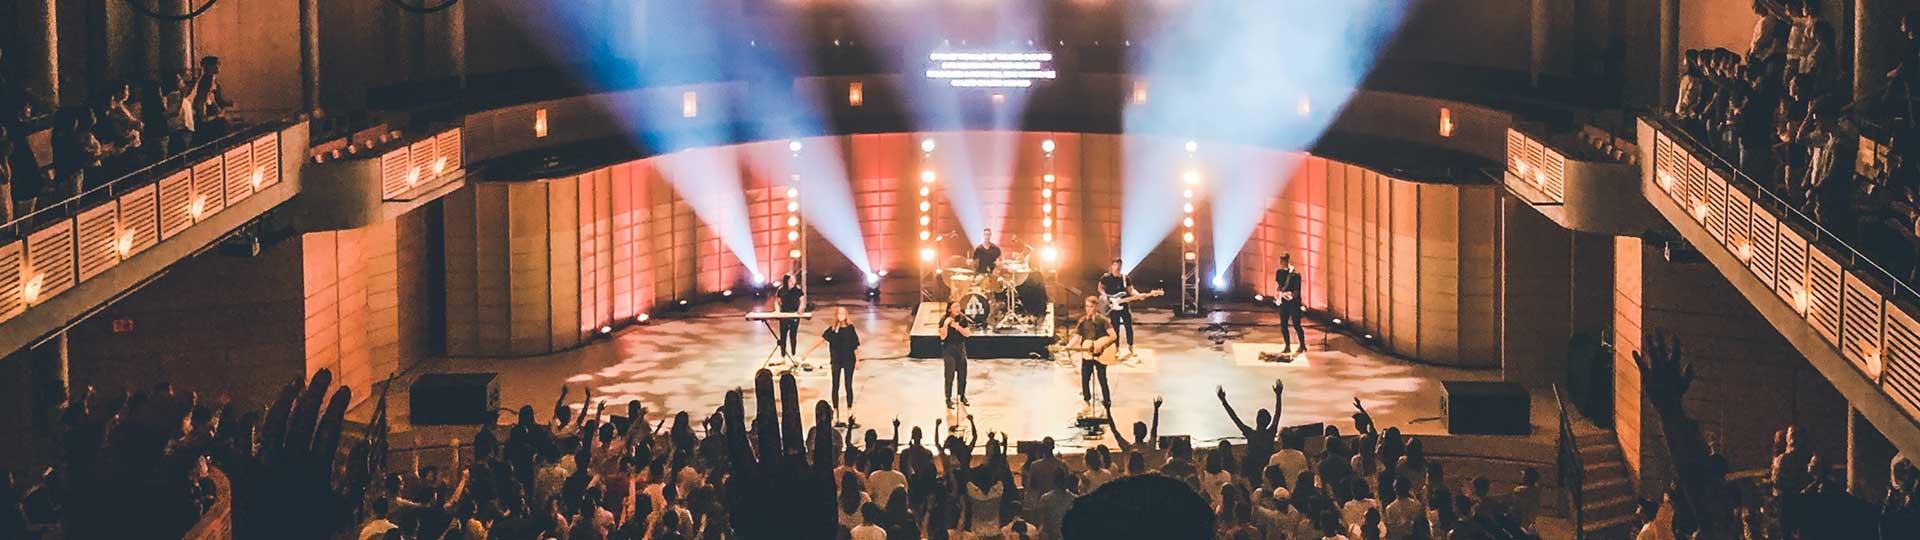 salle de concert pleine